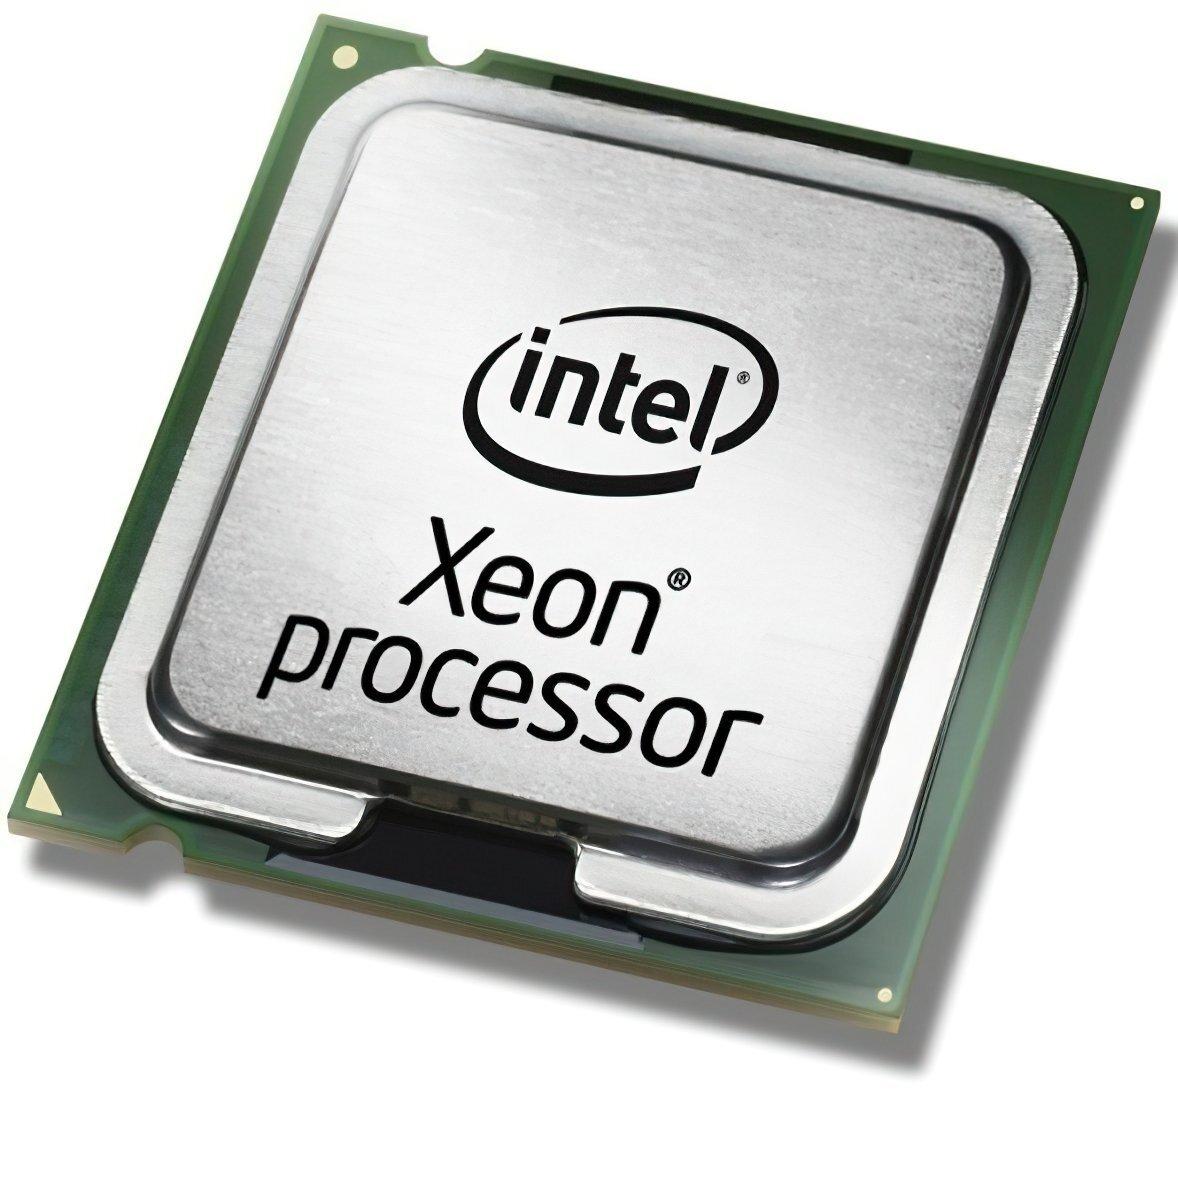 Процесор серверний Lenovo RD650 Intel Xeon E5-2620 v3 2.4GHz Kit (4XG0F28819) фото1